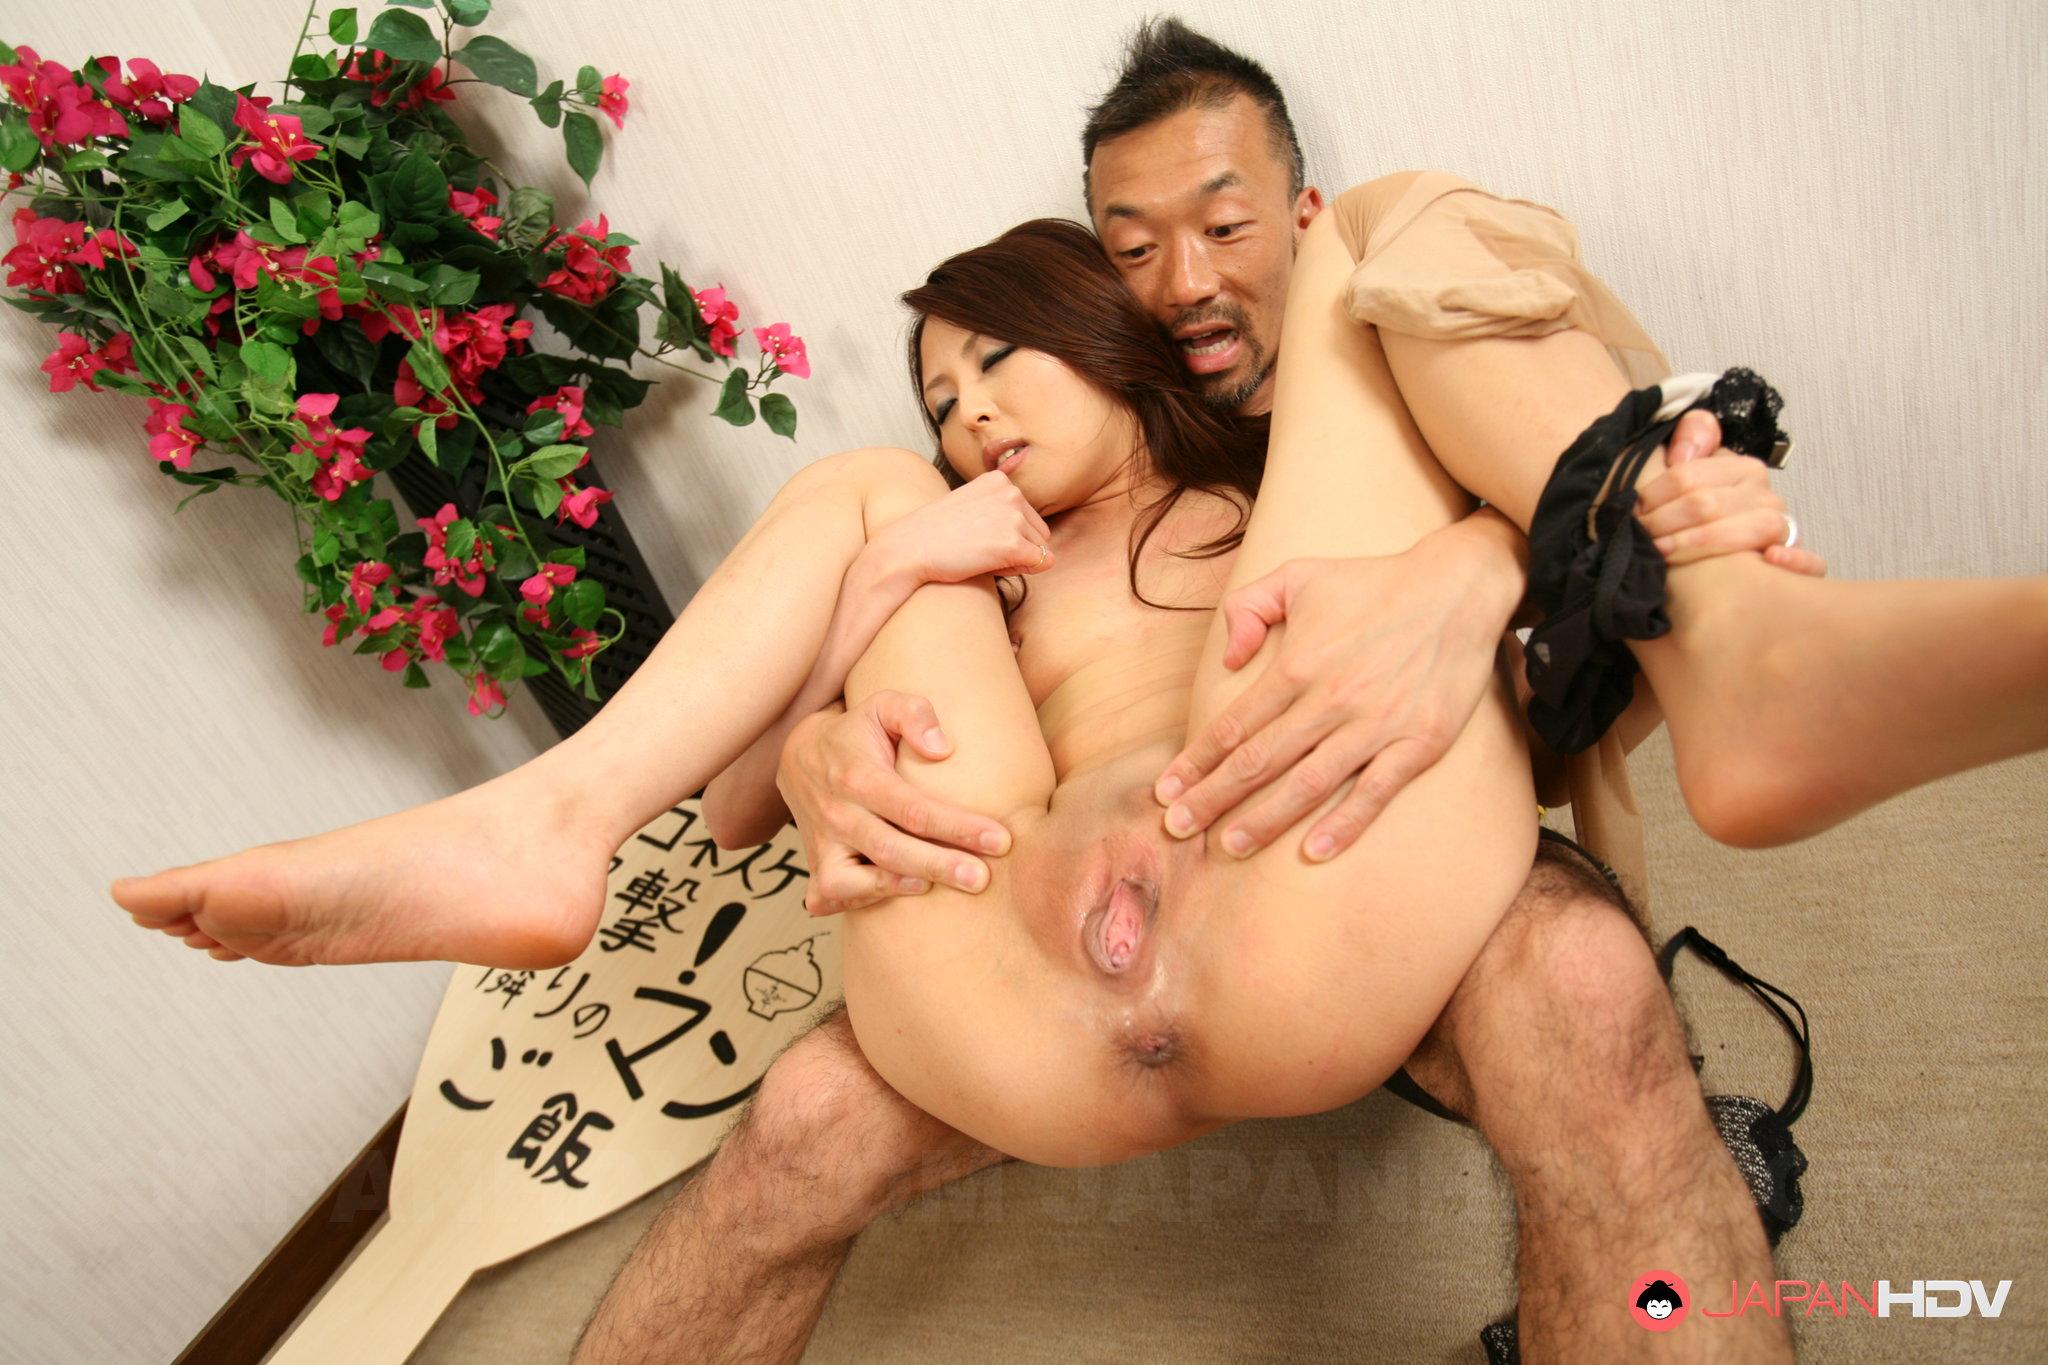 ноги порно картинки китайских азиаток популярные темы общем